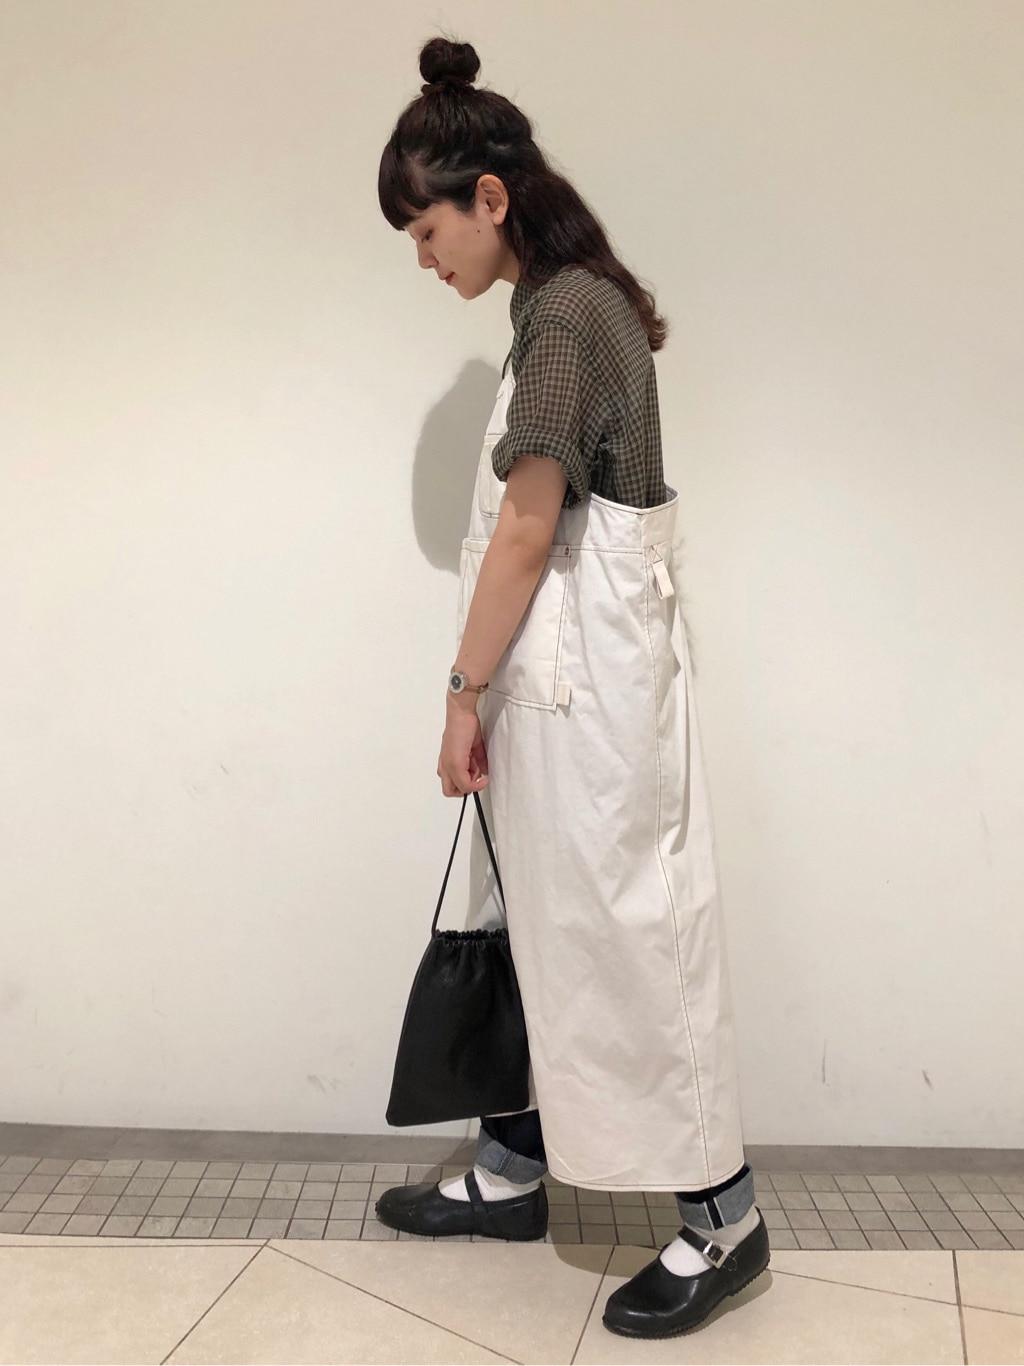 l'atelier du savon 東京スカイツリータウン・ソラマチ 身長:154cm 2020.07.28